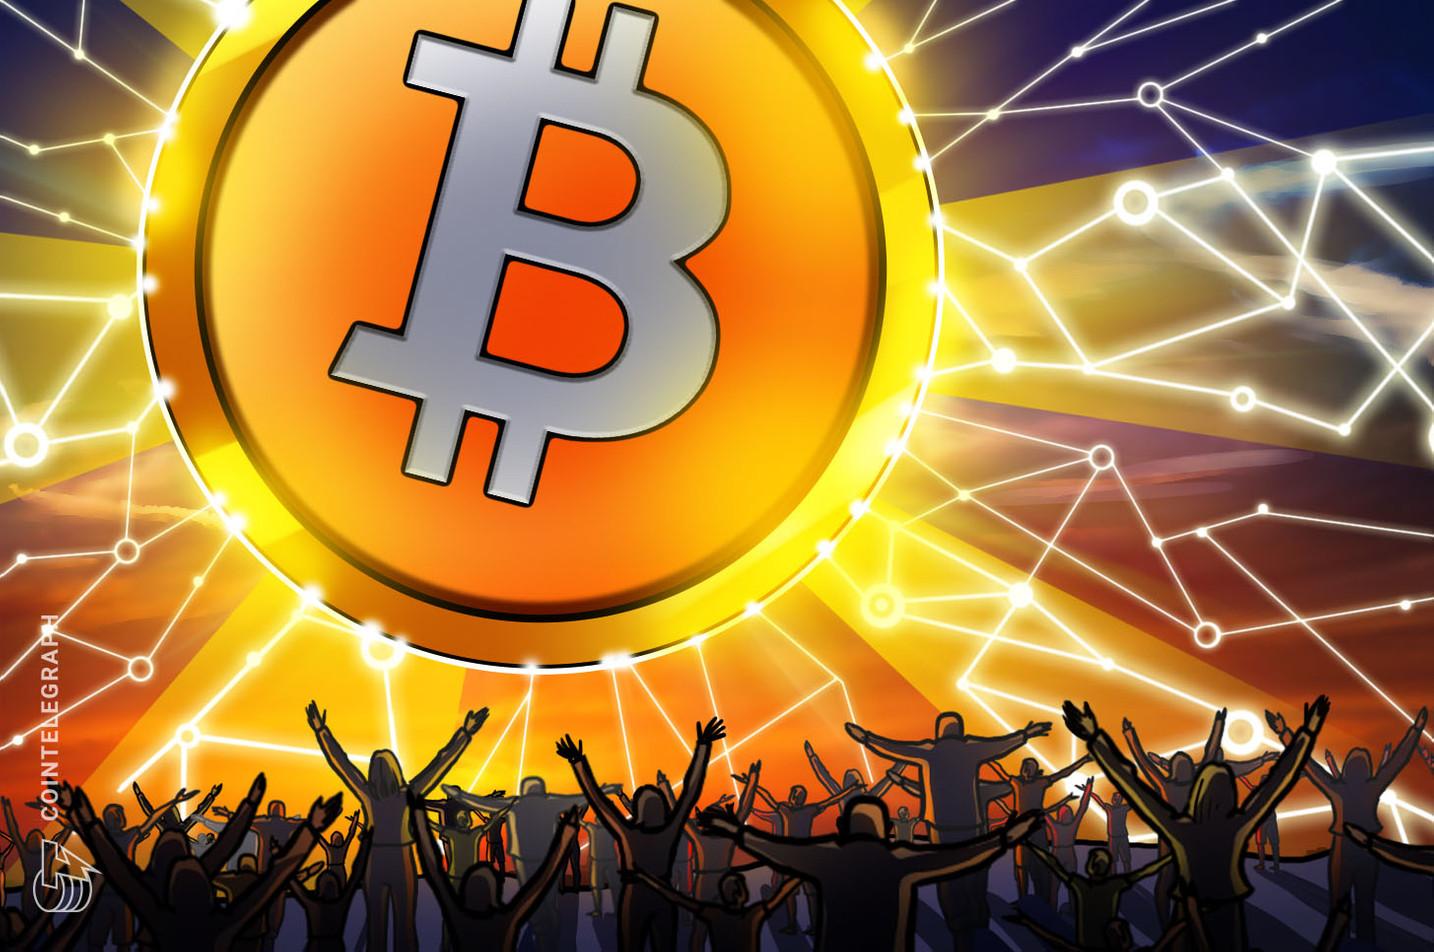 Bitcoin-analist zegt dat 'aanbodschok' aan de gang is nu het opnamepercentage van BTC stijgt naar het hoogste punt in een jaar